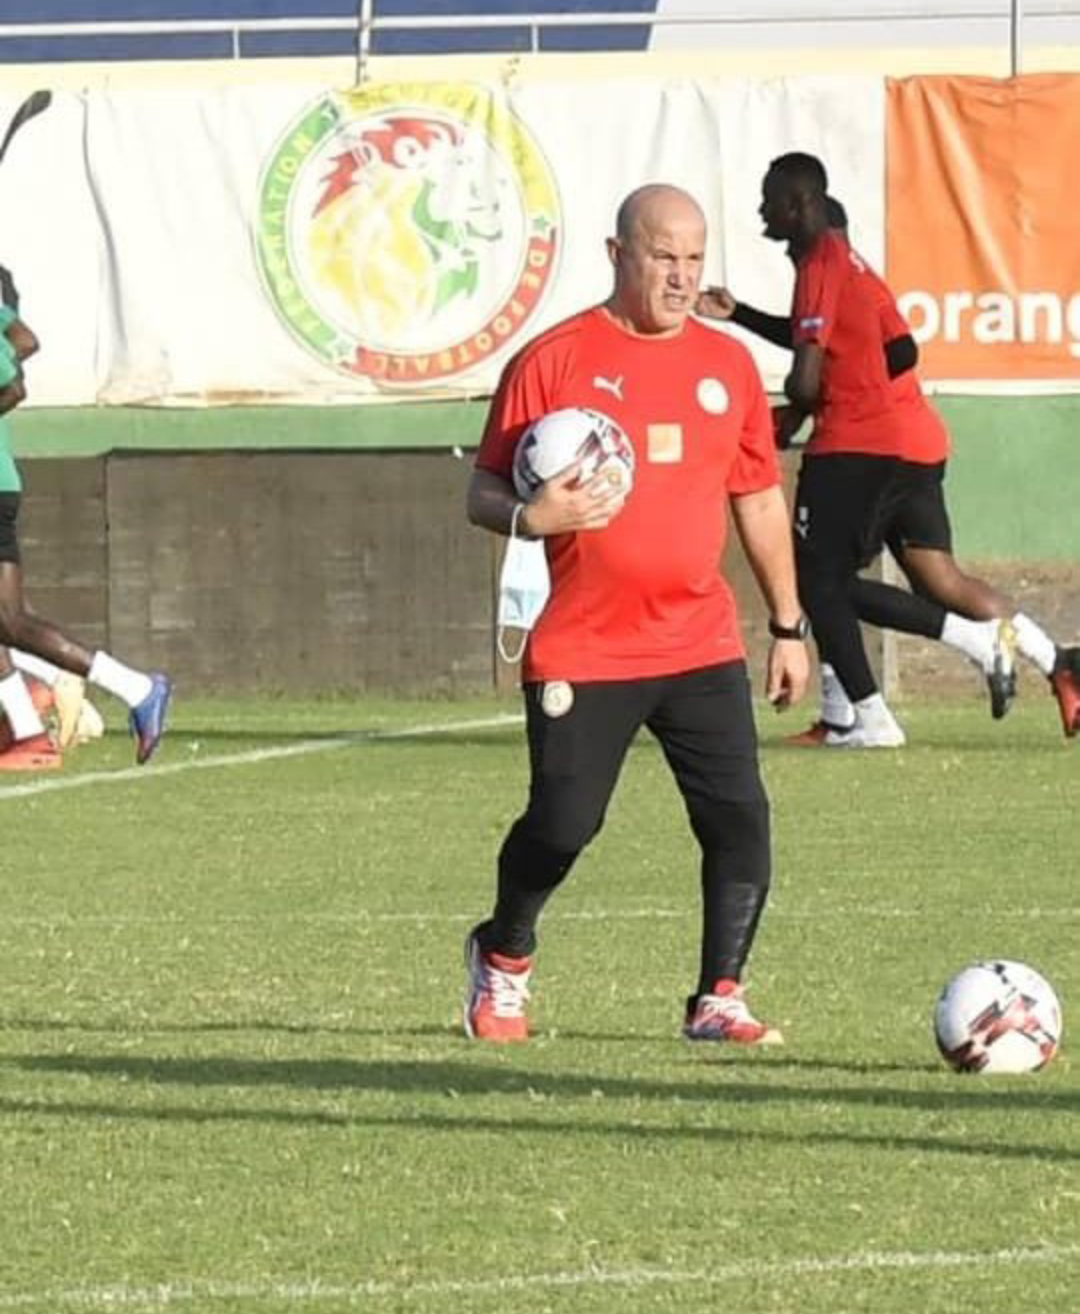 Équipe nationale : Le franco-algérien, Noureddine Bouachera rejoint le Staff d'Aliou Cissé